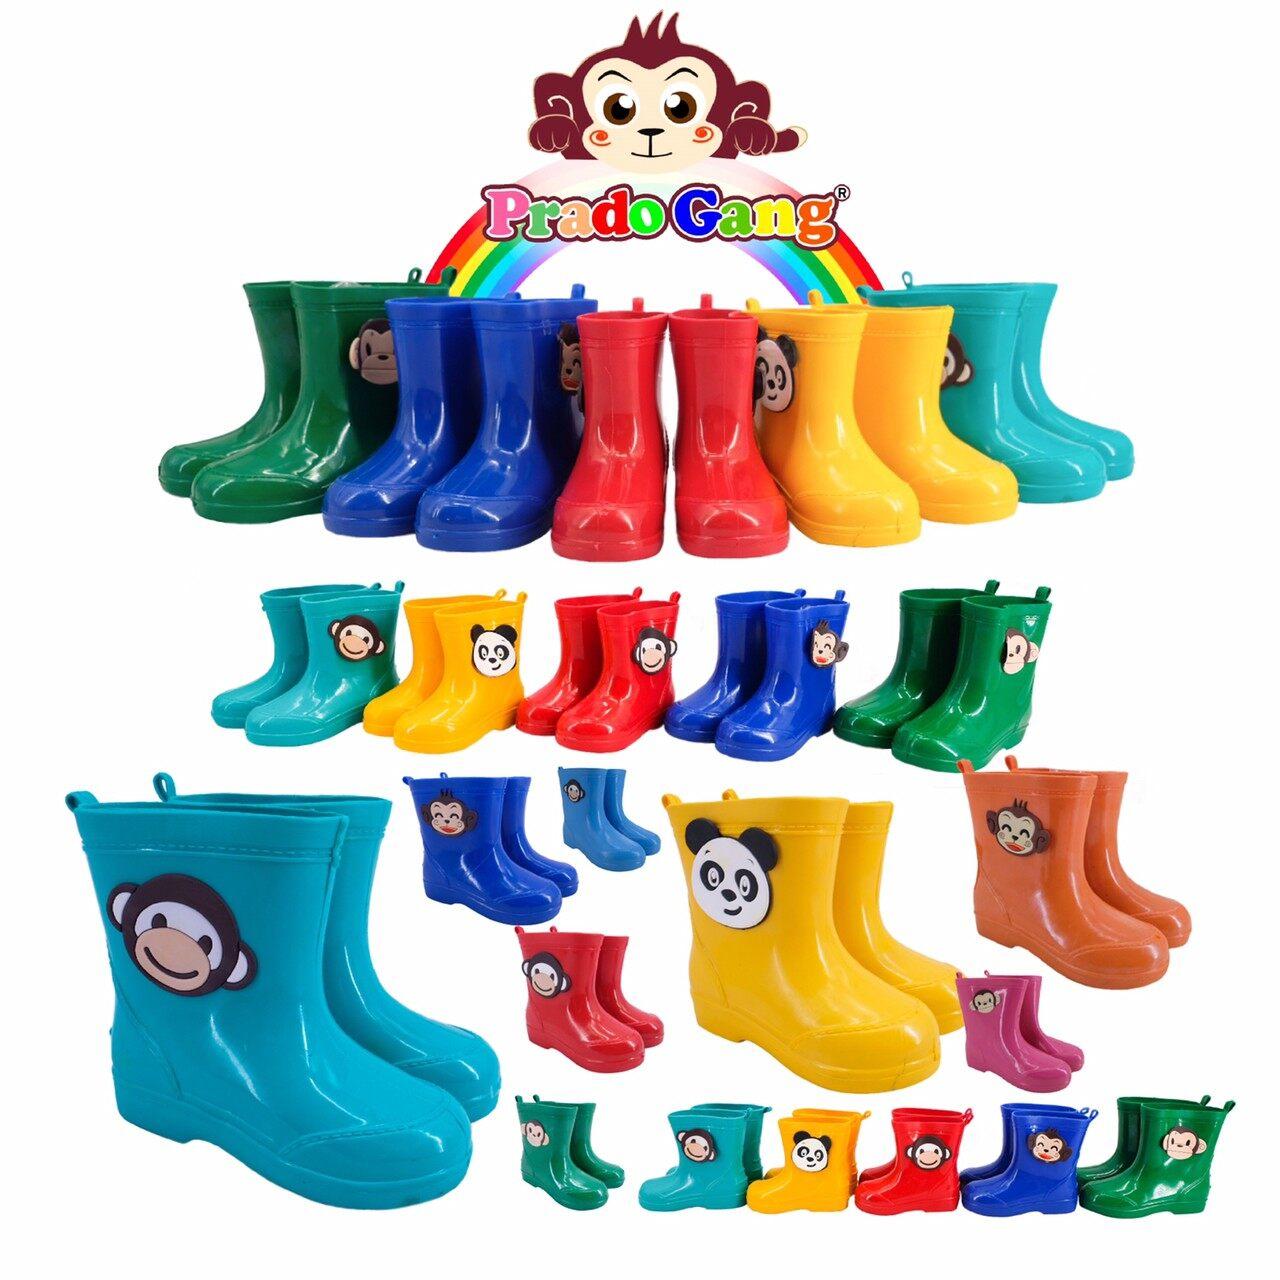 รองเท้าบูทเด็ก Prado Gang สีสันสดใส น่ารัก บูทเด็ก บูทกันน้ำ ร้องเท้าบูท บูทลิง เด็กเล็ก เด็กโต.